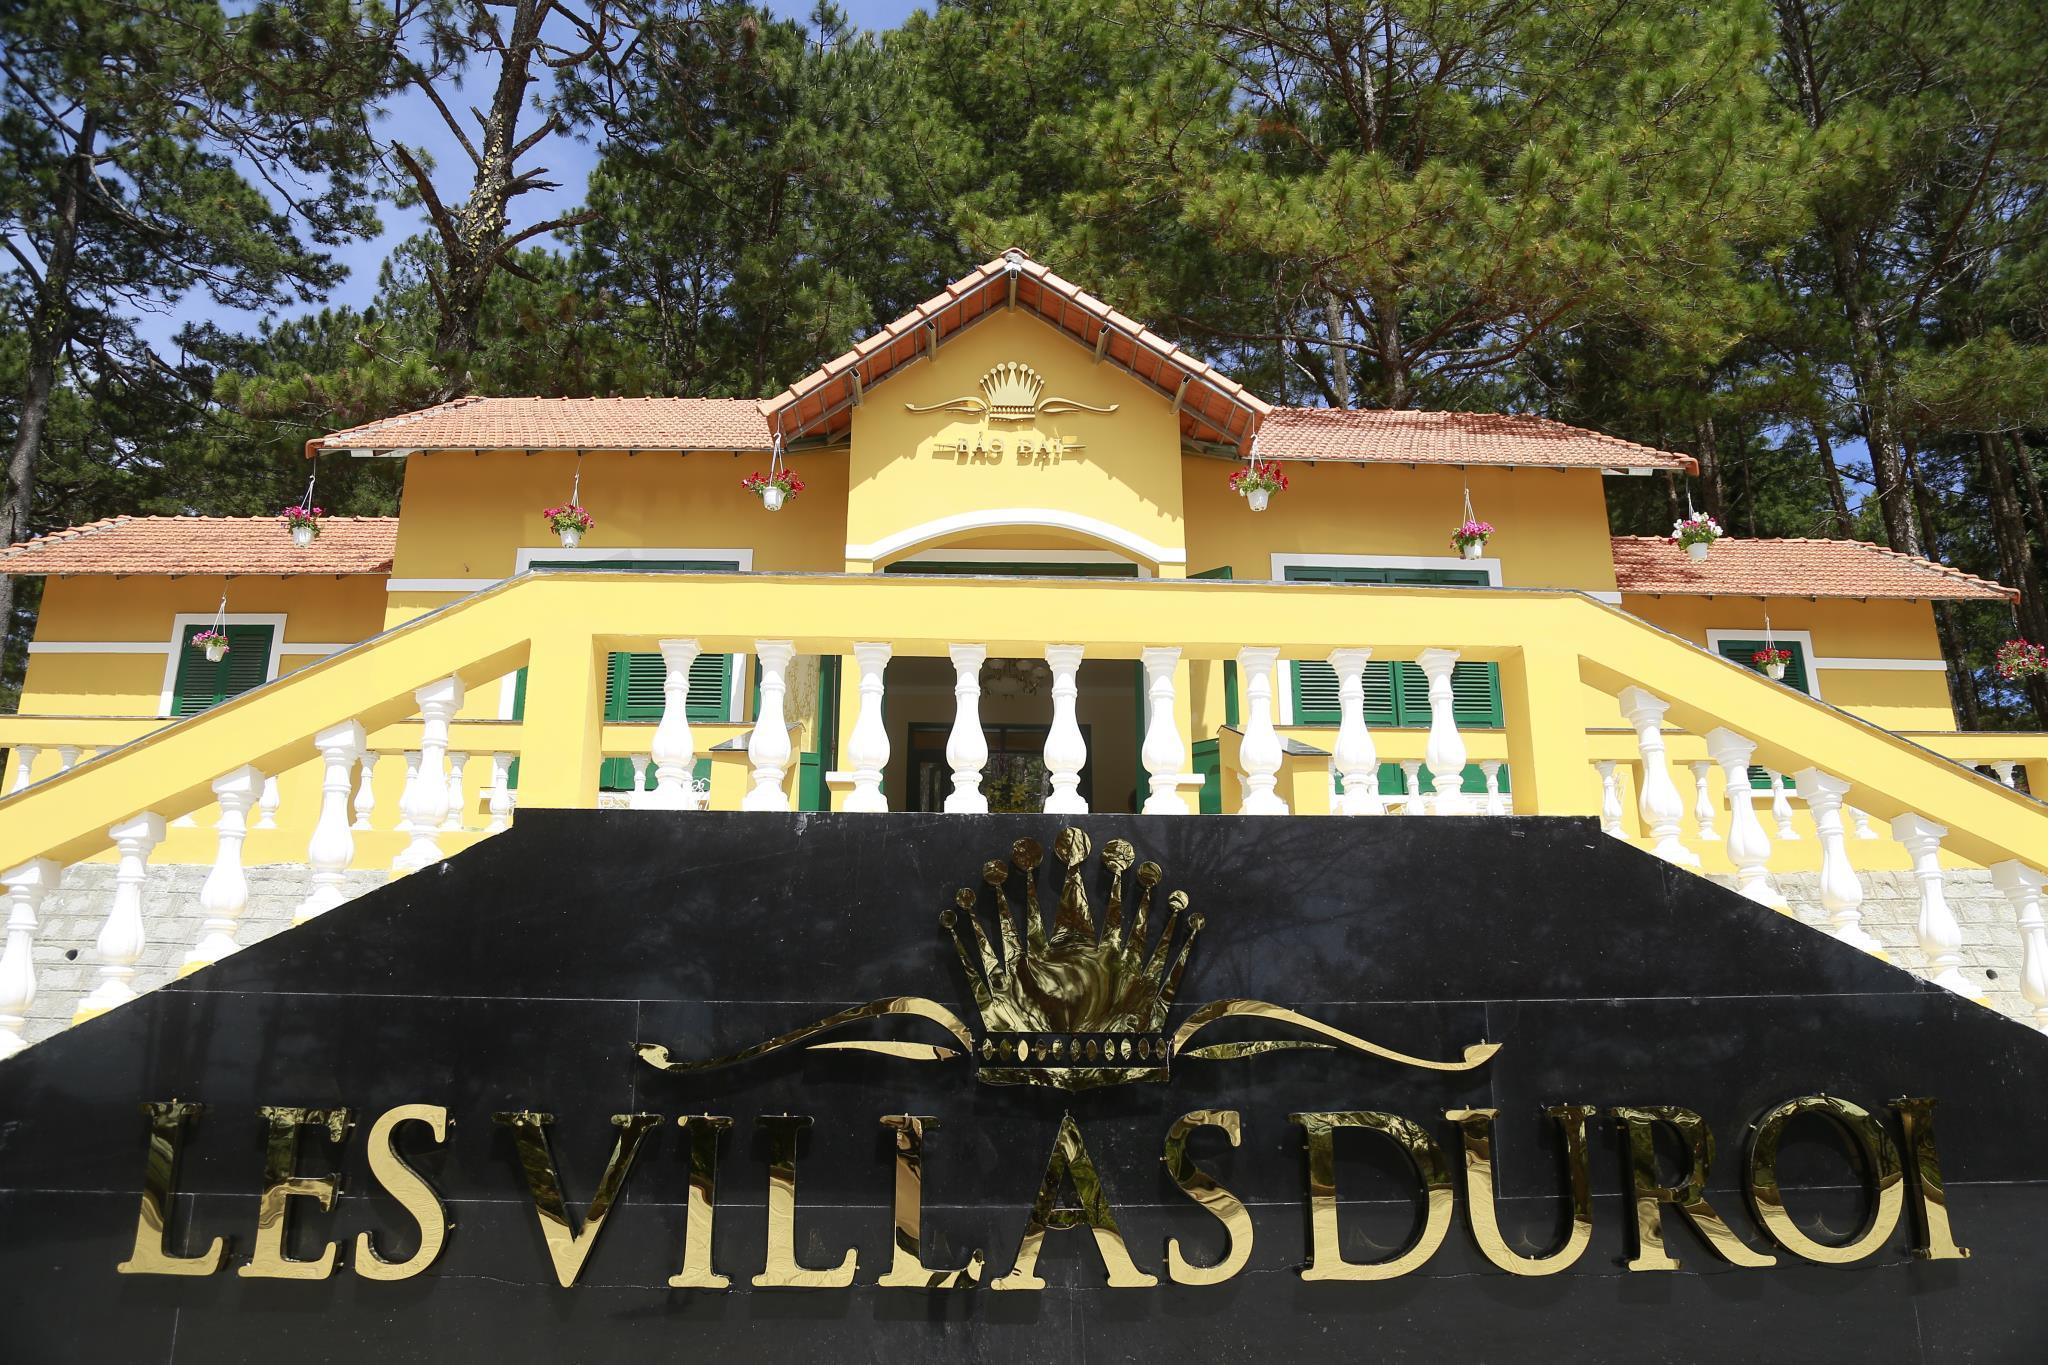 Les Villas Du Roi